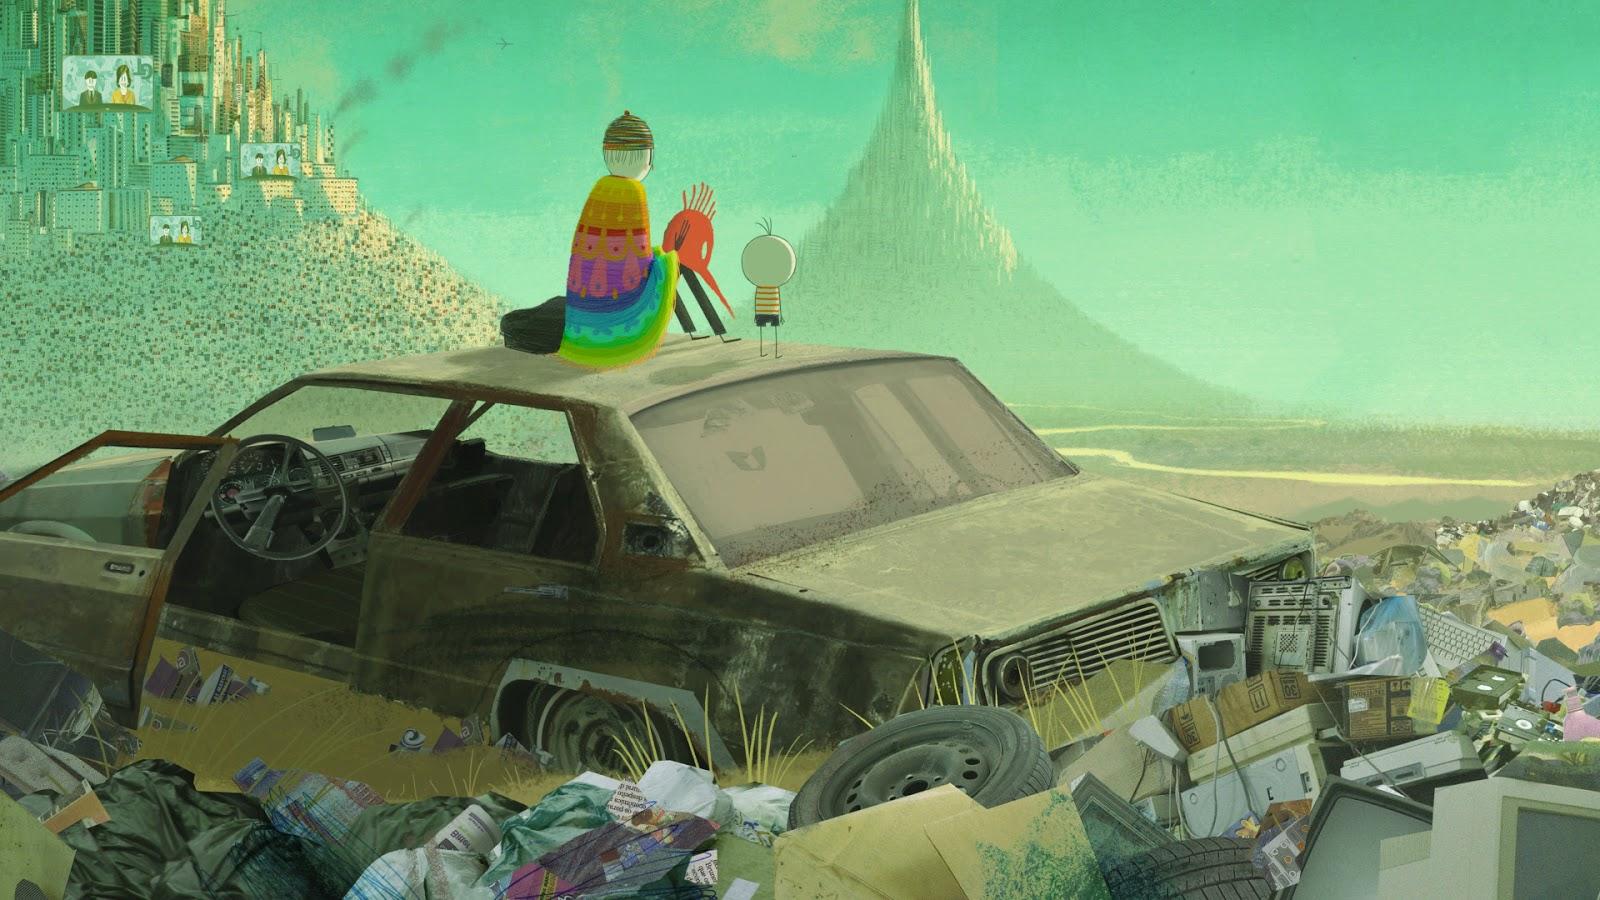 """""""Estamos trabalhando a princípio com uma janela para o fim de 2019"""", diz diretor criativo no jogo inspirado no filme O Menino e o Mundo"""